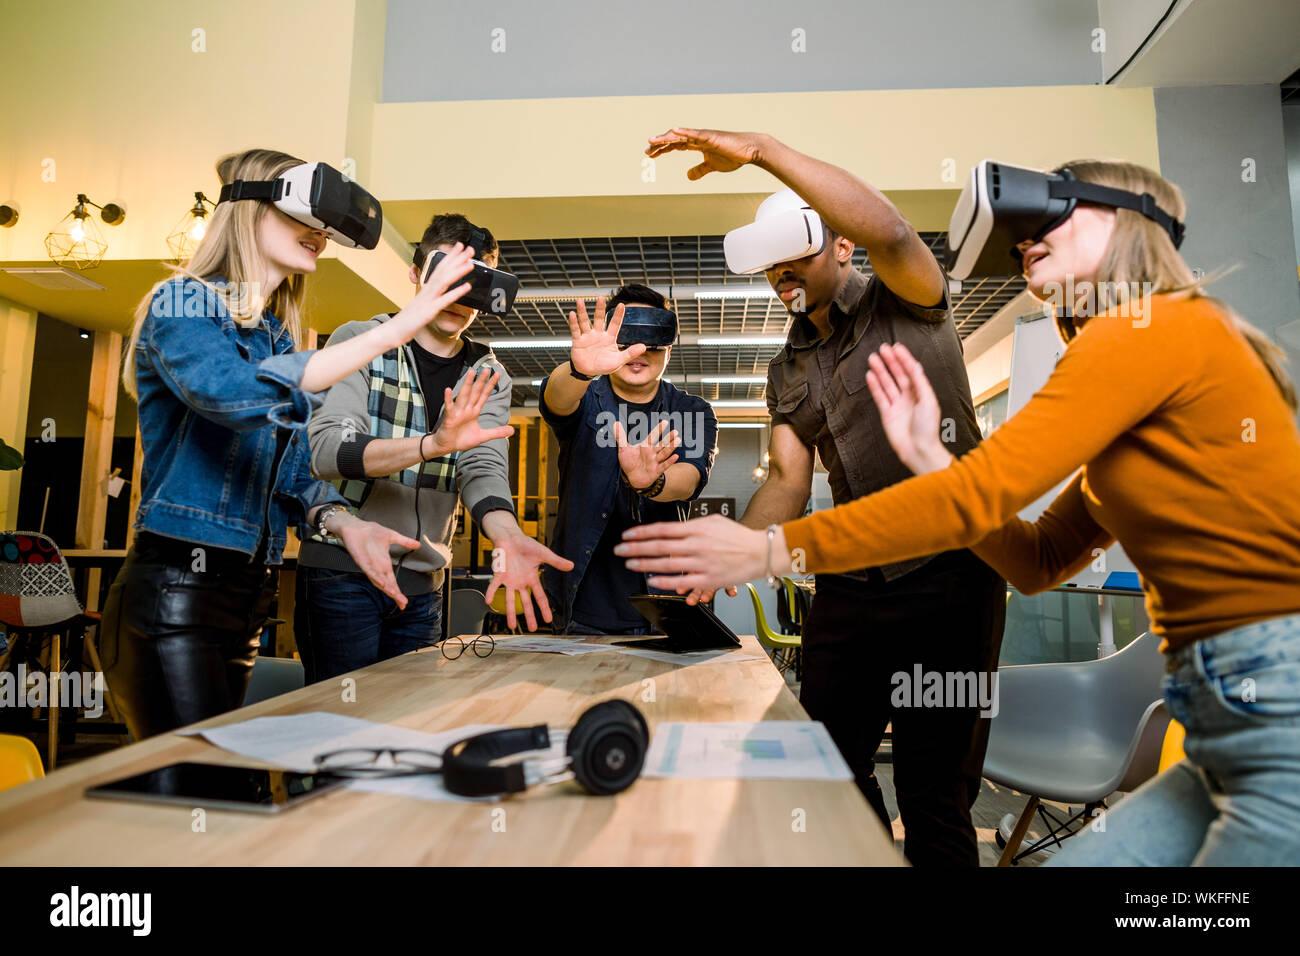 Les jeunes gens d'affaires multiraciale portant des lunettes de réalité virtuelle avec le toucher d'air au cours de la Conférence Réunion VR au bureau. Les hommes et femmes d'affaires Banque D'Images